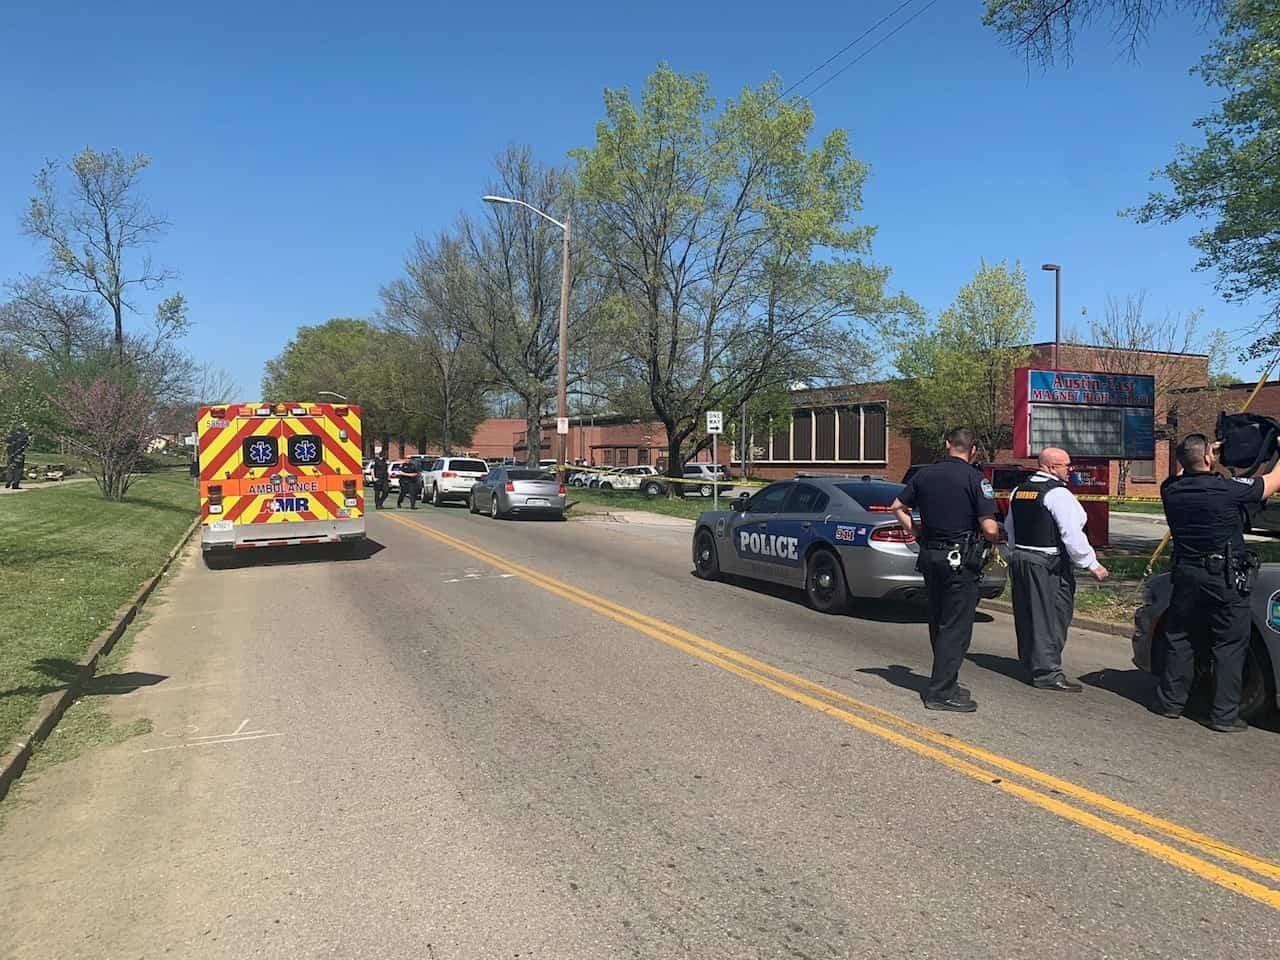 Tiroteo con varias víctimas en instituto de secundaria de Tennessee, en EEUU 1